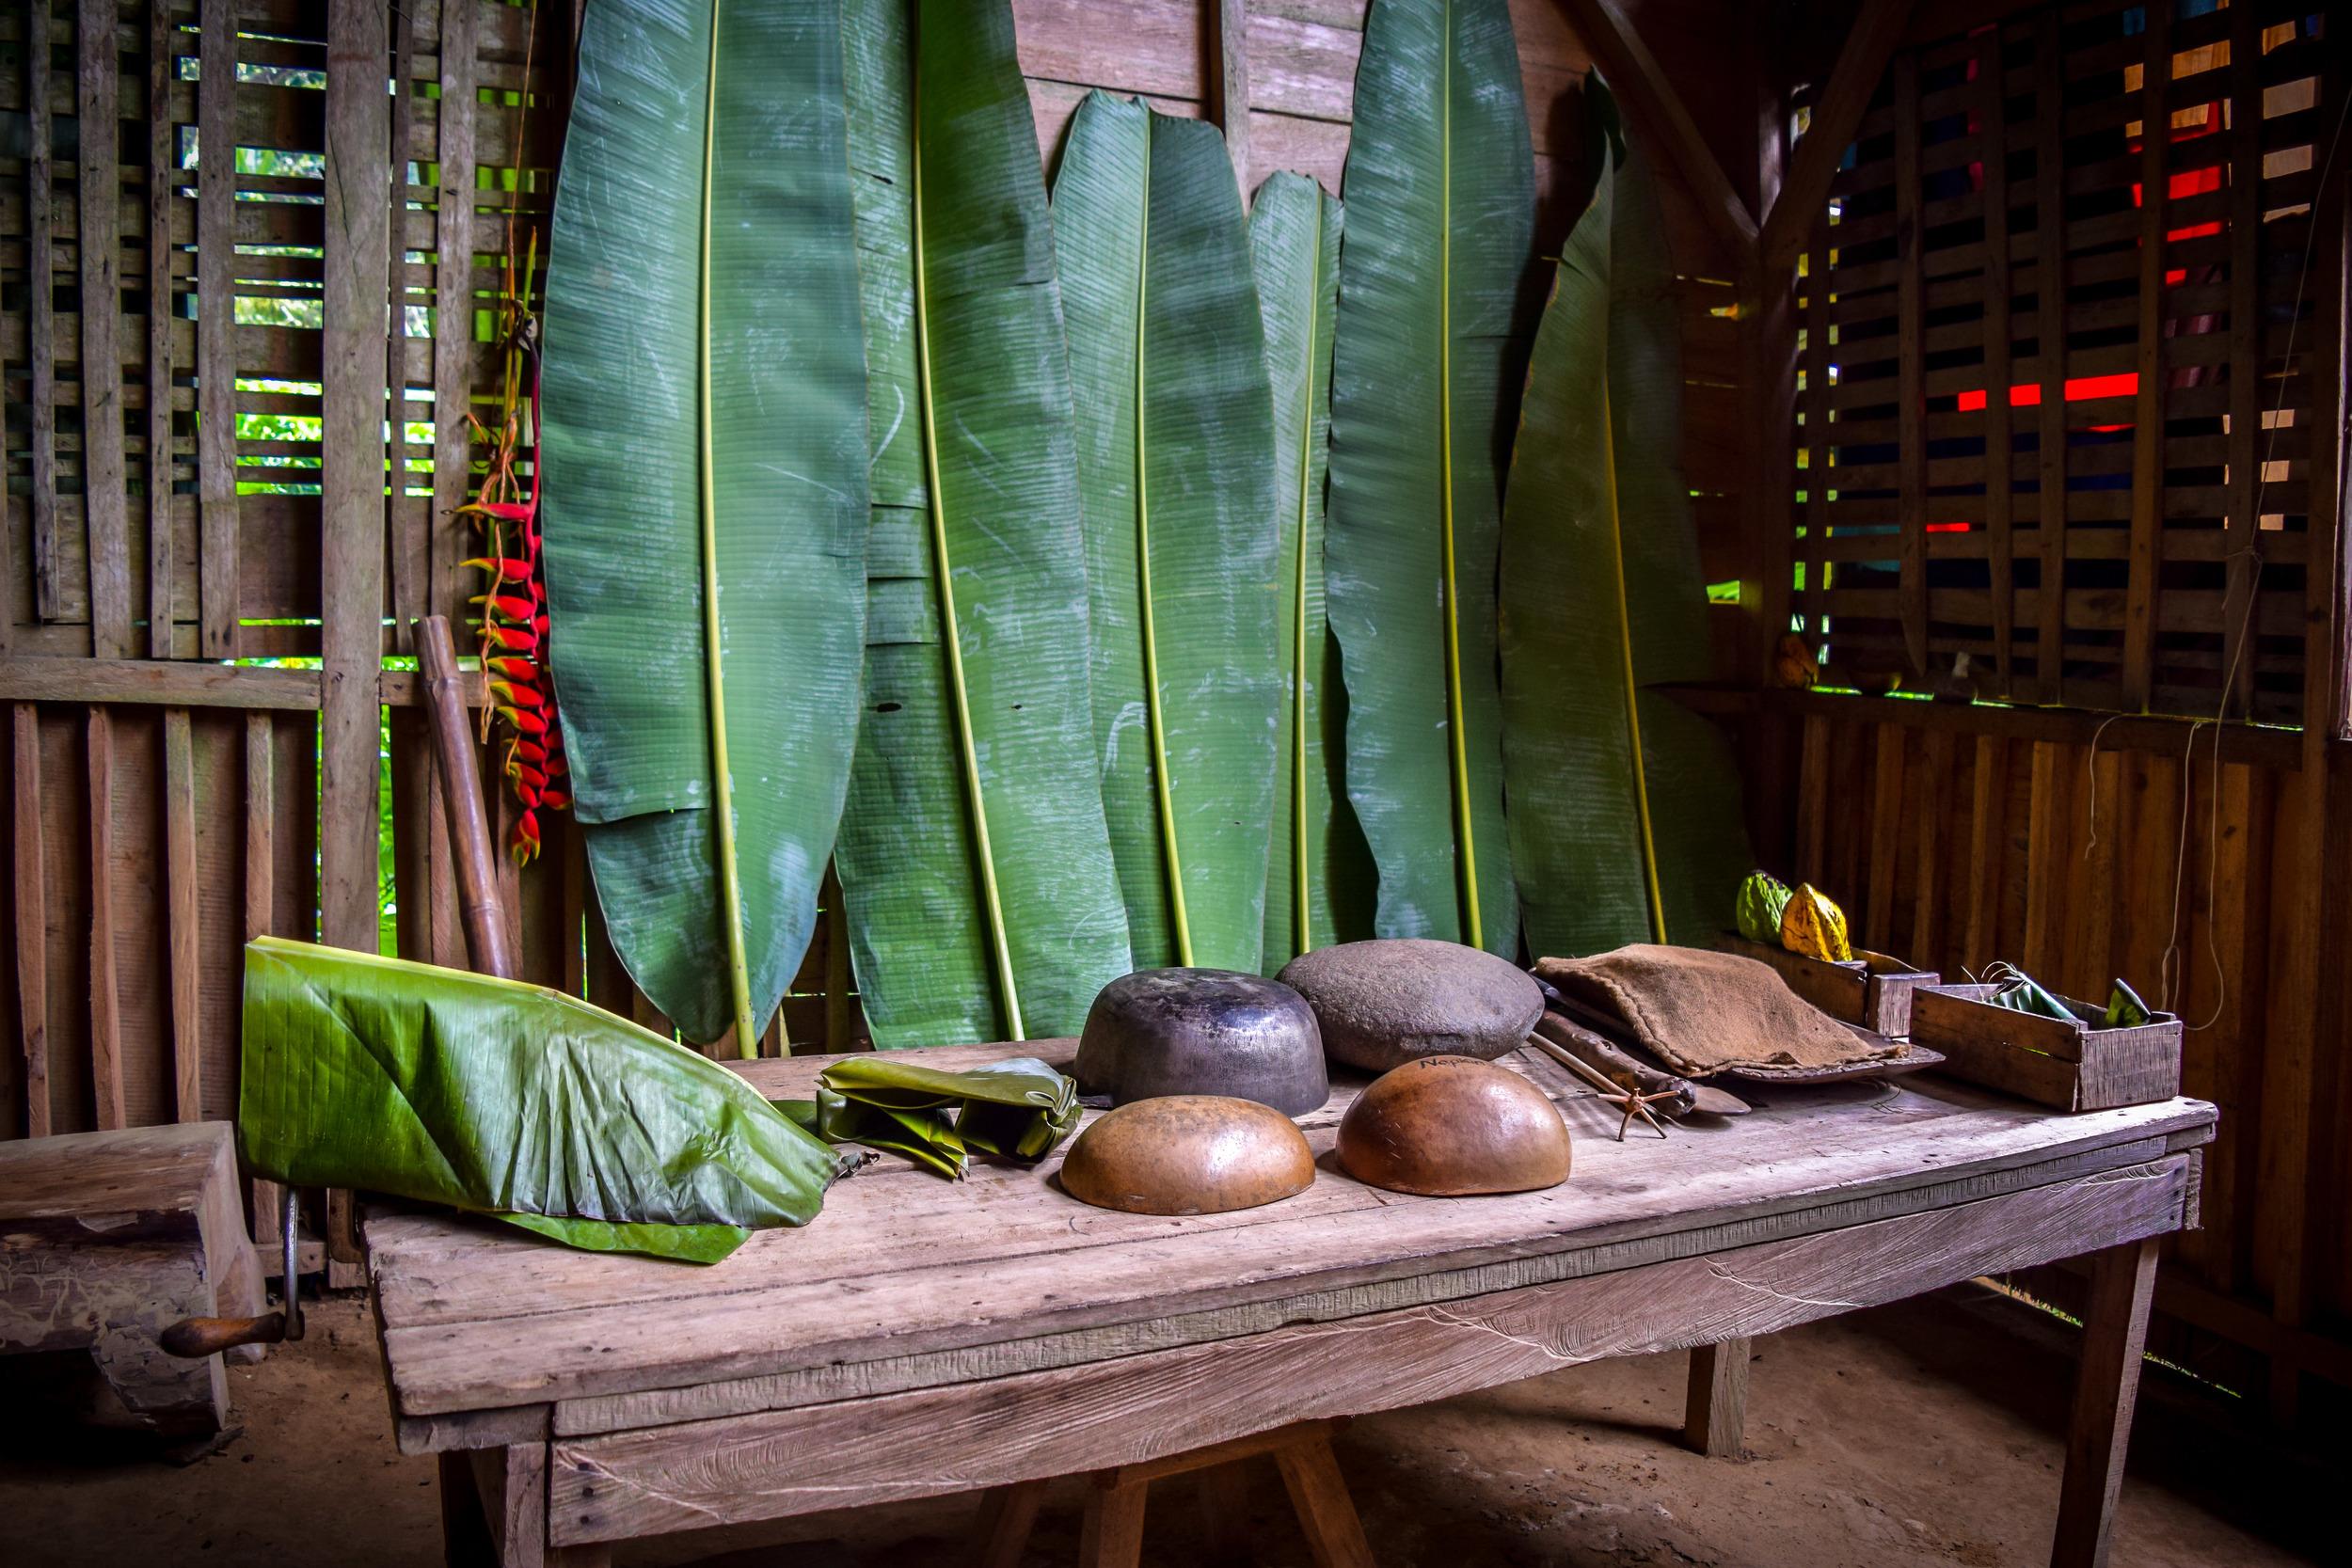 Tsiru Ue cacao house